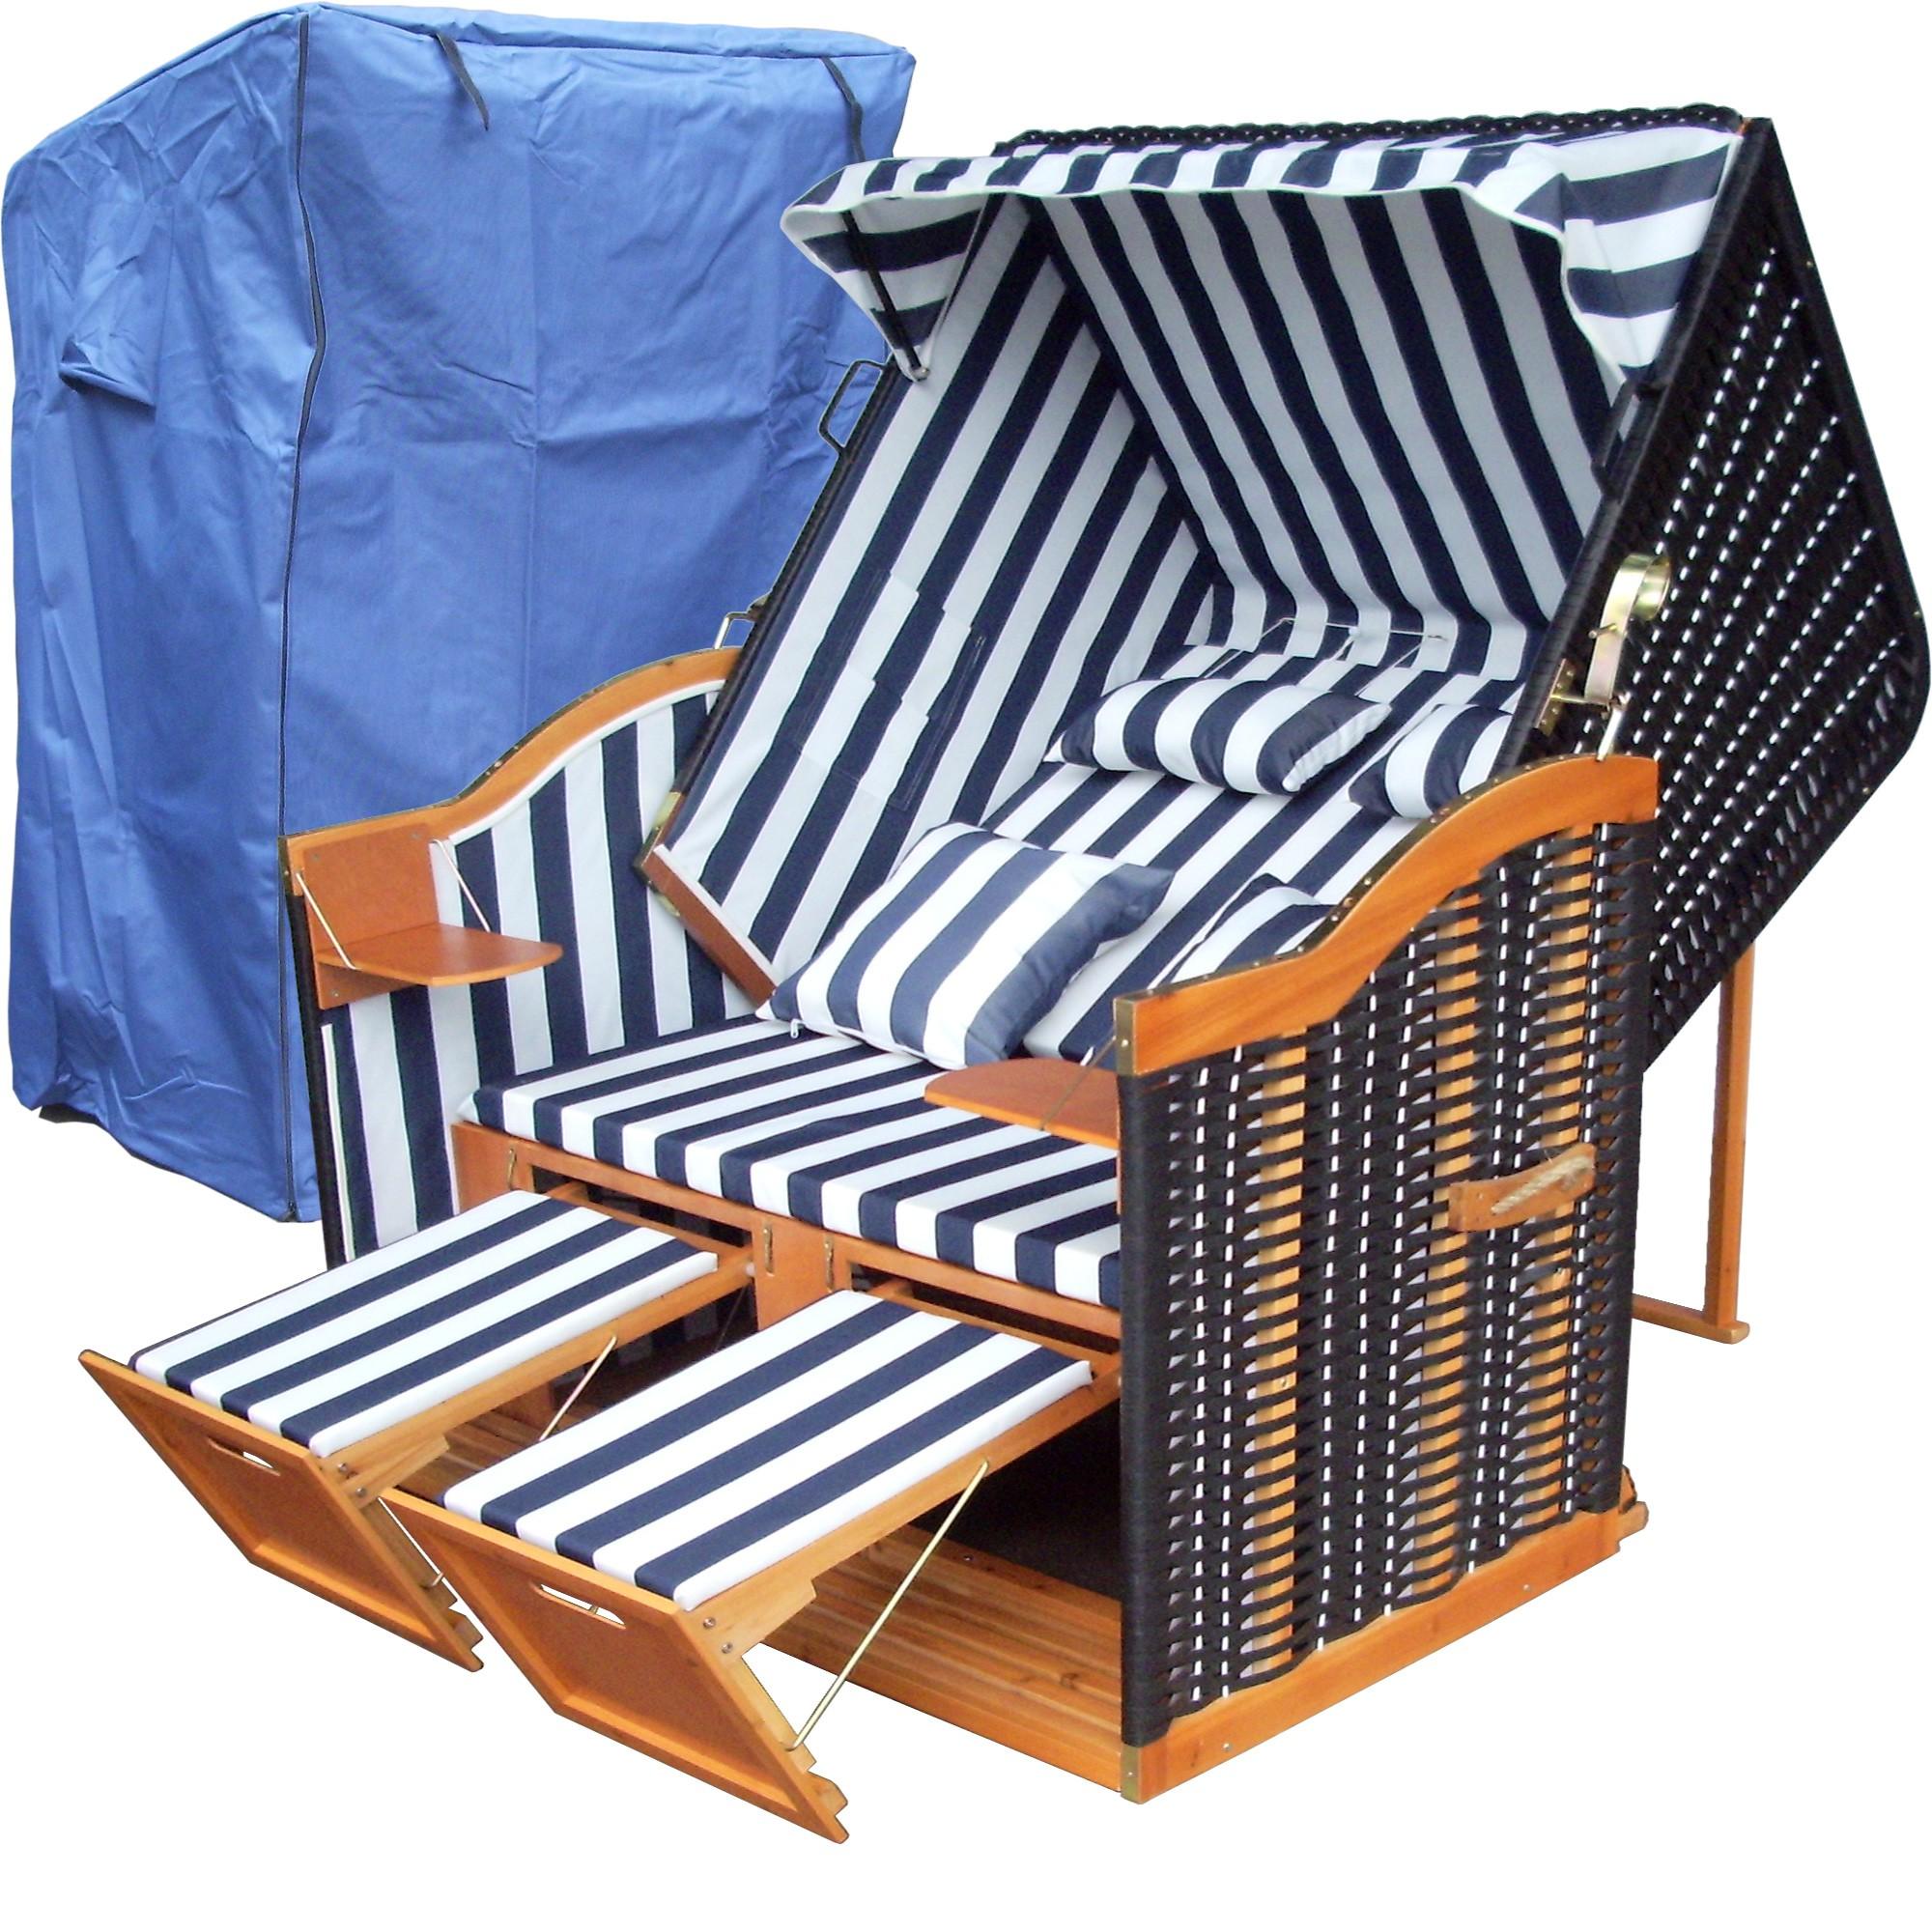 sylt strandkorb g nstig strandkorb sylt kaufen. Black Bedroom Furniture Sets. Home Design Ideas